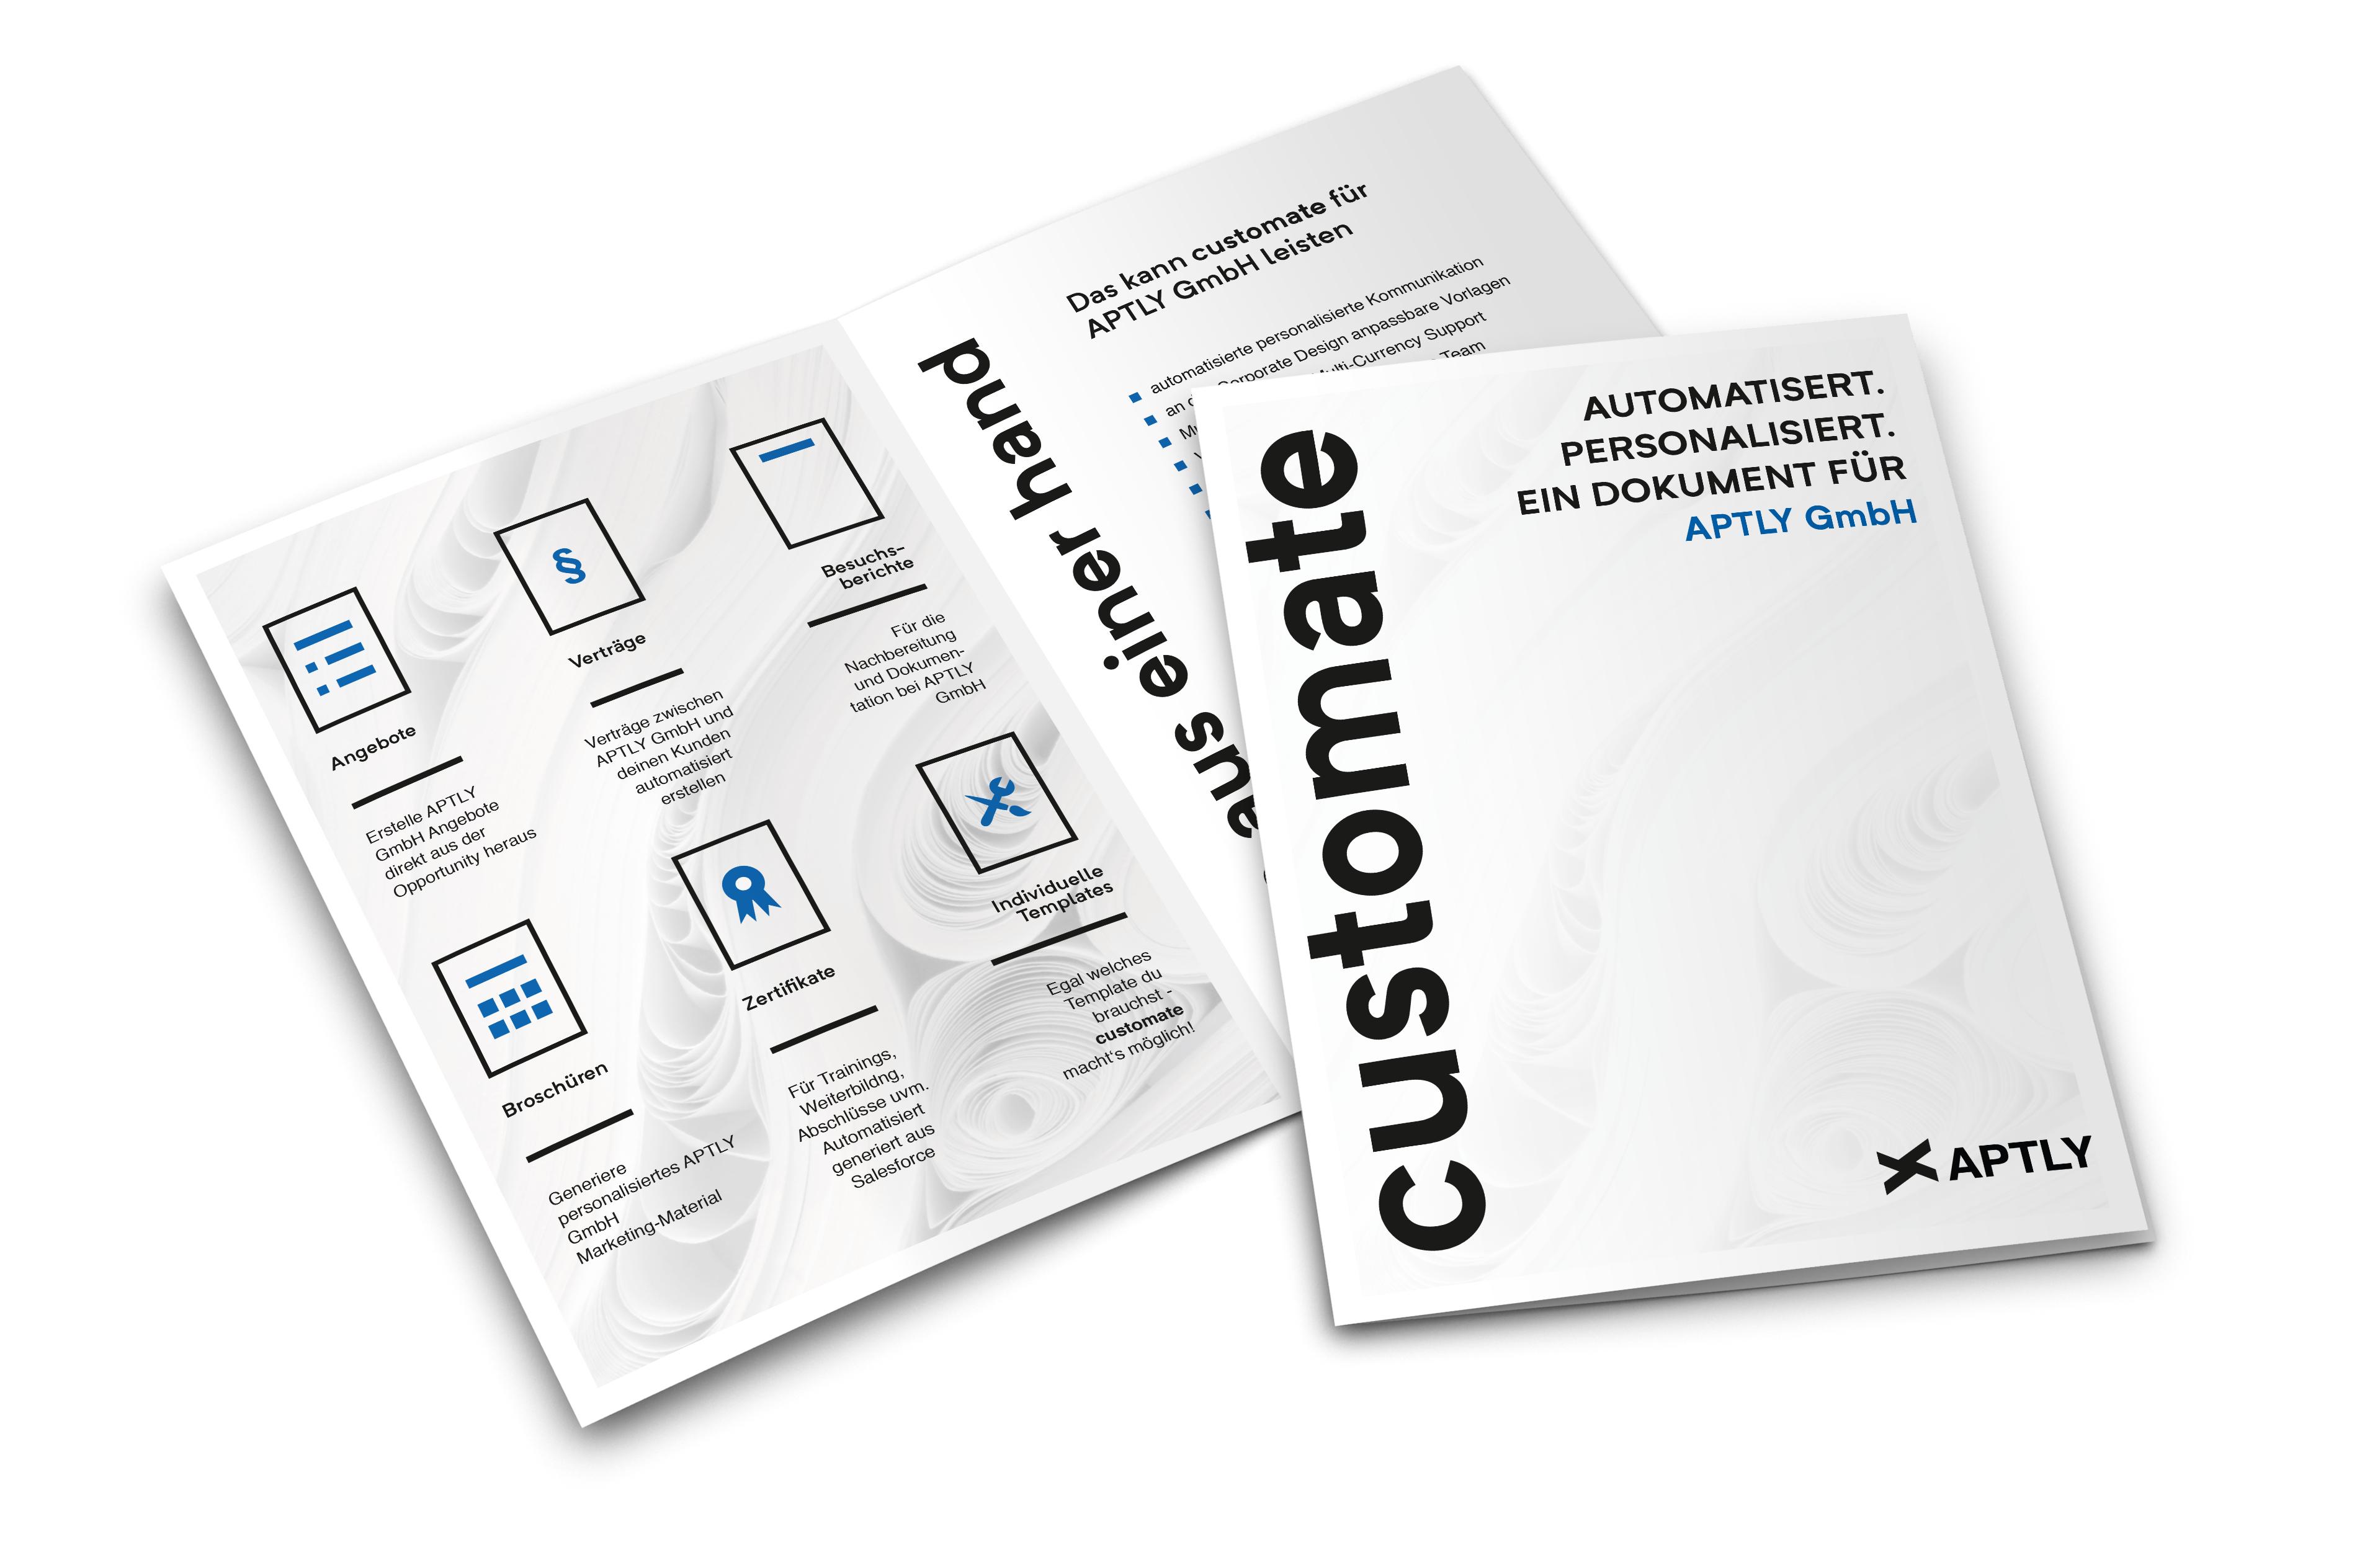 Hyper-personalisierte customate Broschüre mit Unternehmensname im Titel